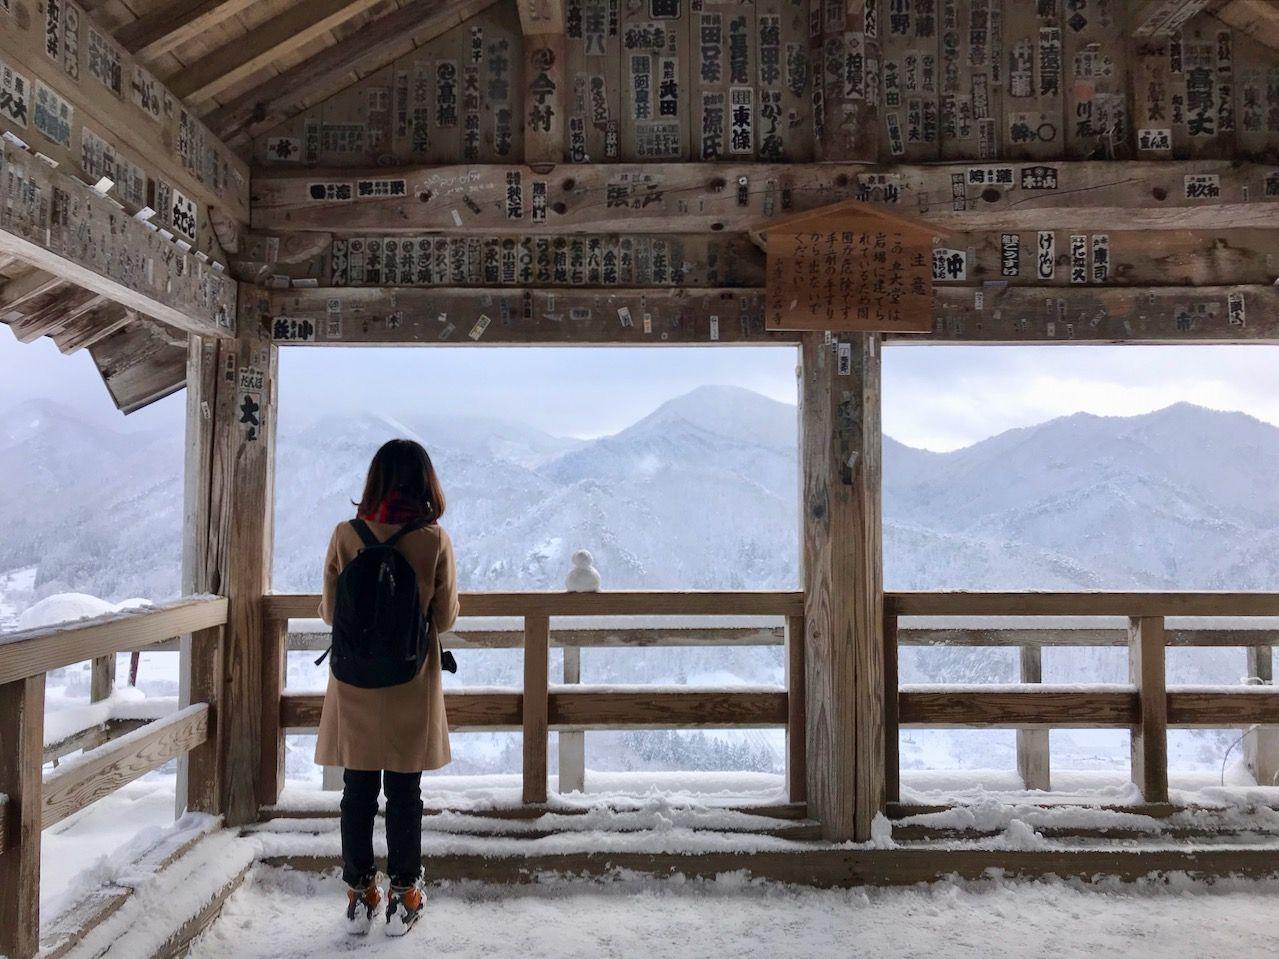 山形「山寺」の冬はふるえるほど美しい!雪景色は水墨画のよう